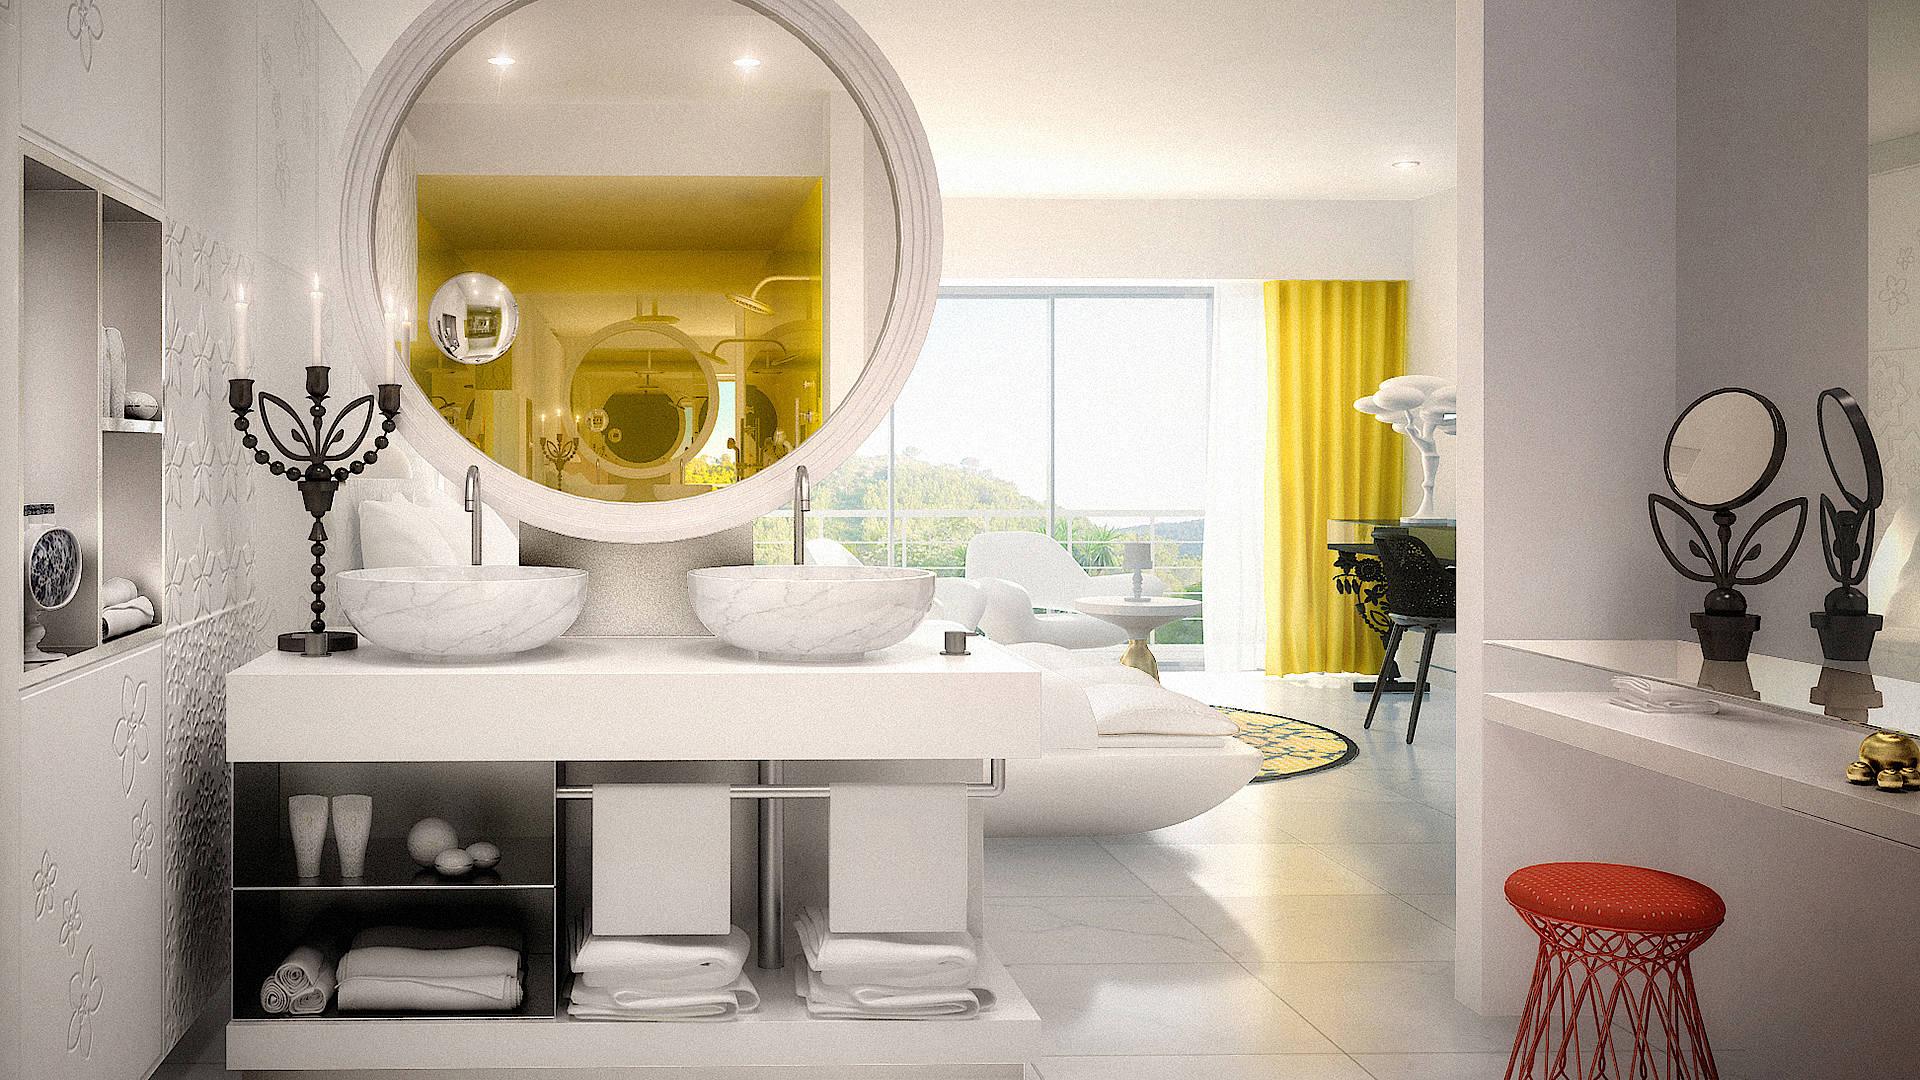 Марсель Вандерс оформил пятизвездочный отель на Майорке   галерея [1] фото [10]